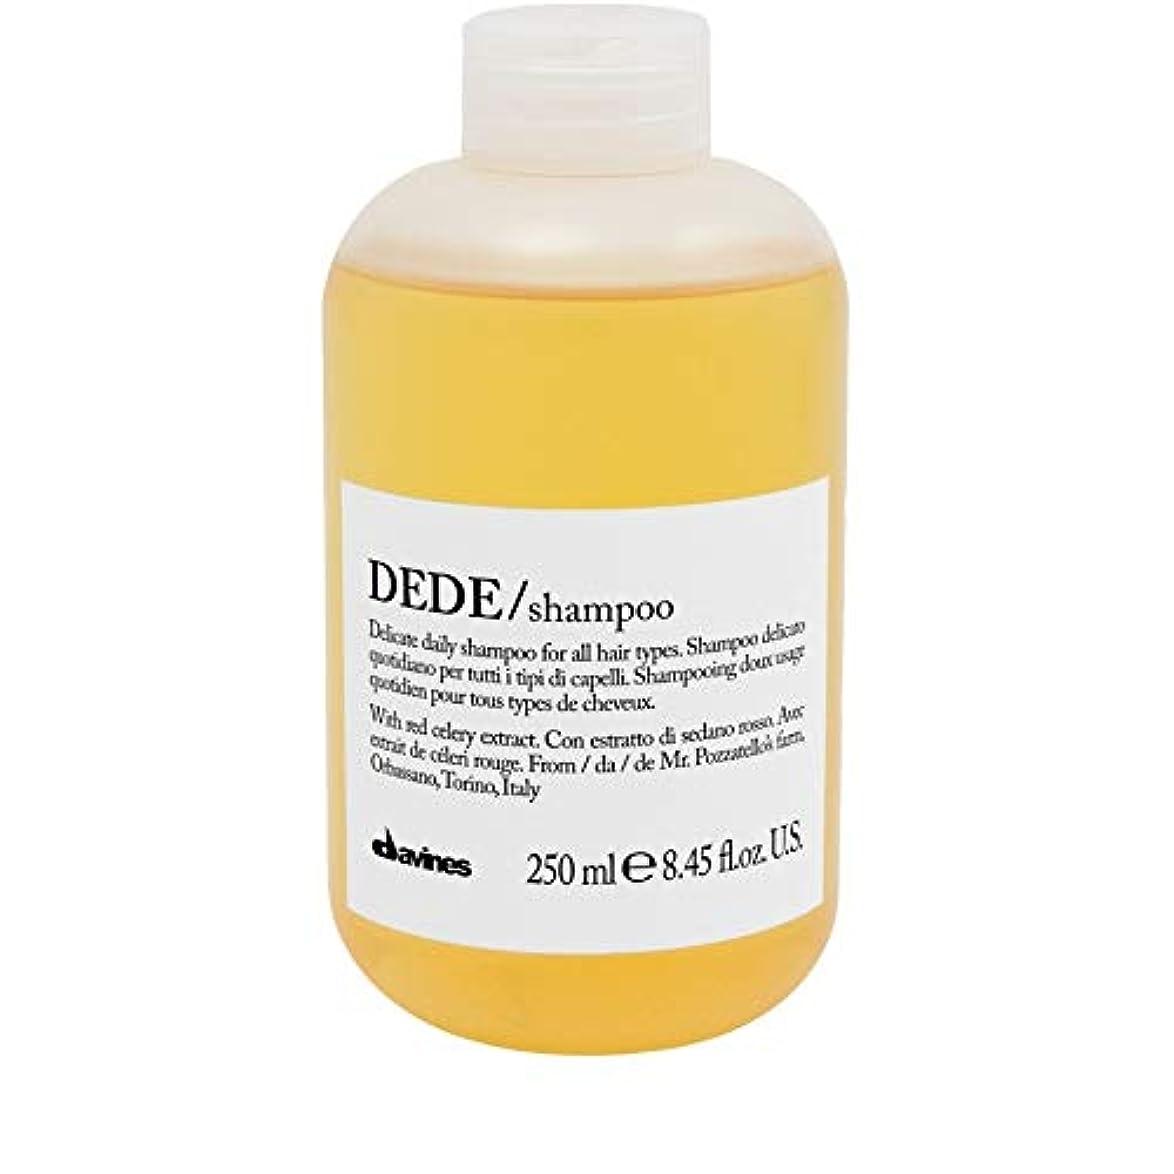 今晩モザイク著名な[Davines ] ダヴィネスDedeシャンプー250Ml - Davines Dede Shampoo 250ml [並行輸入品]